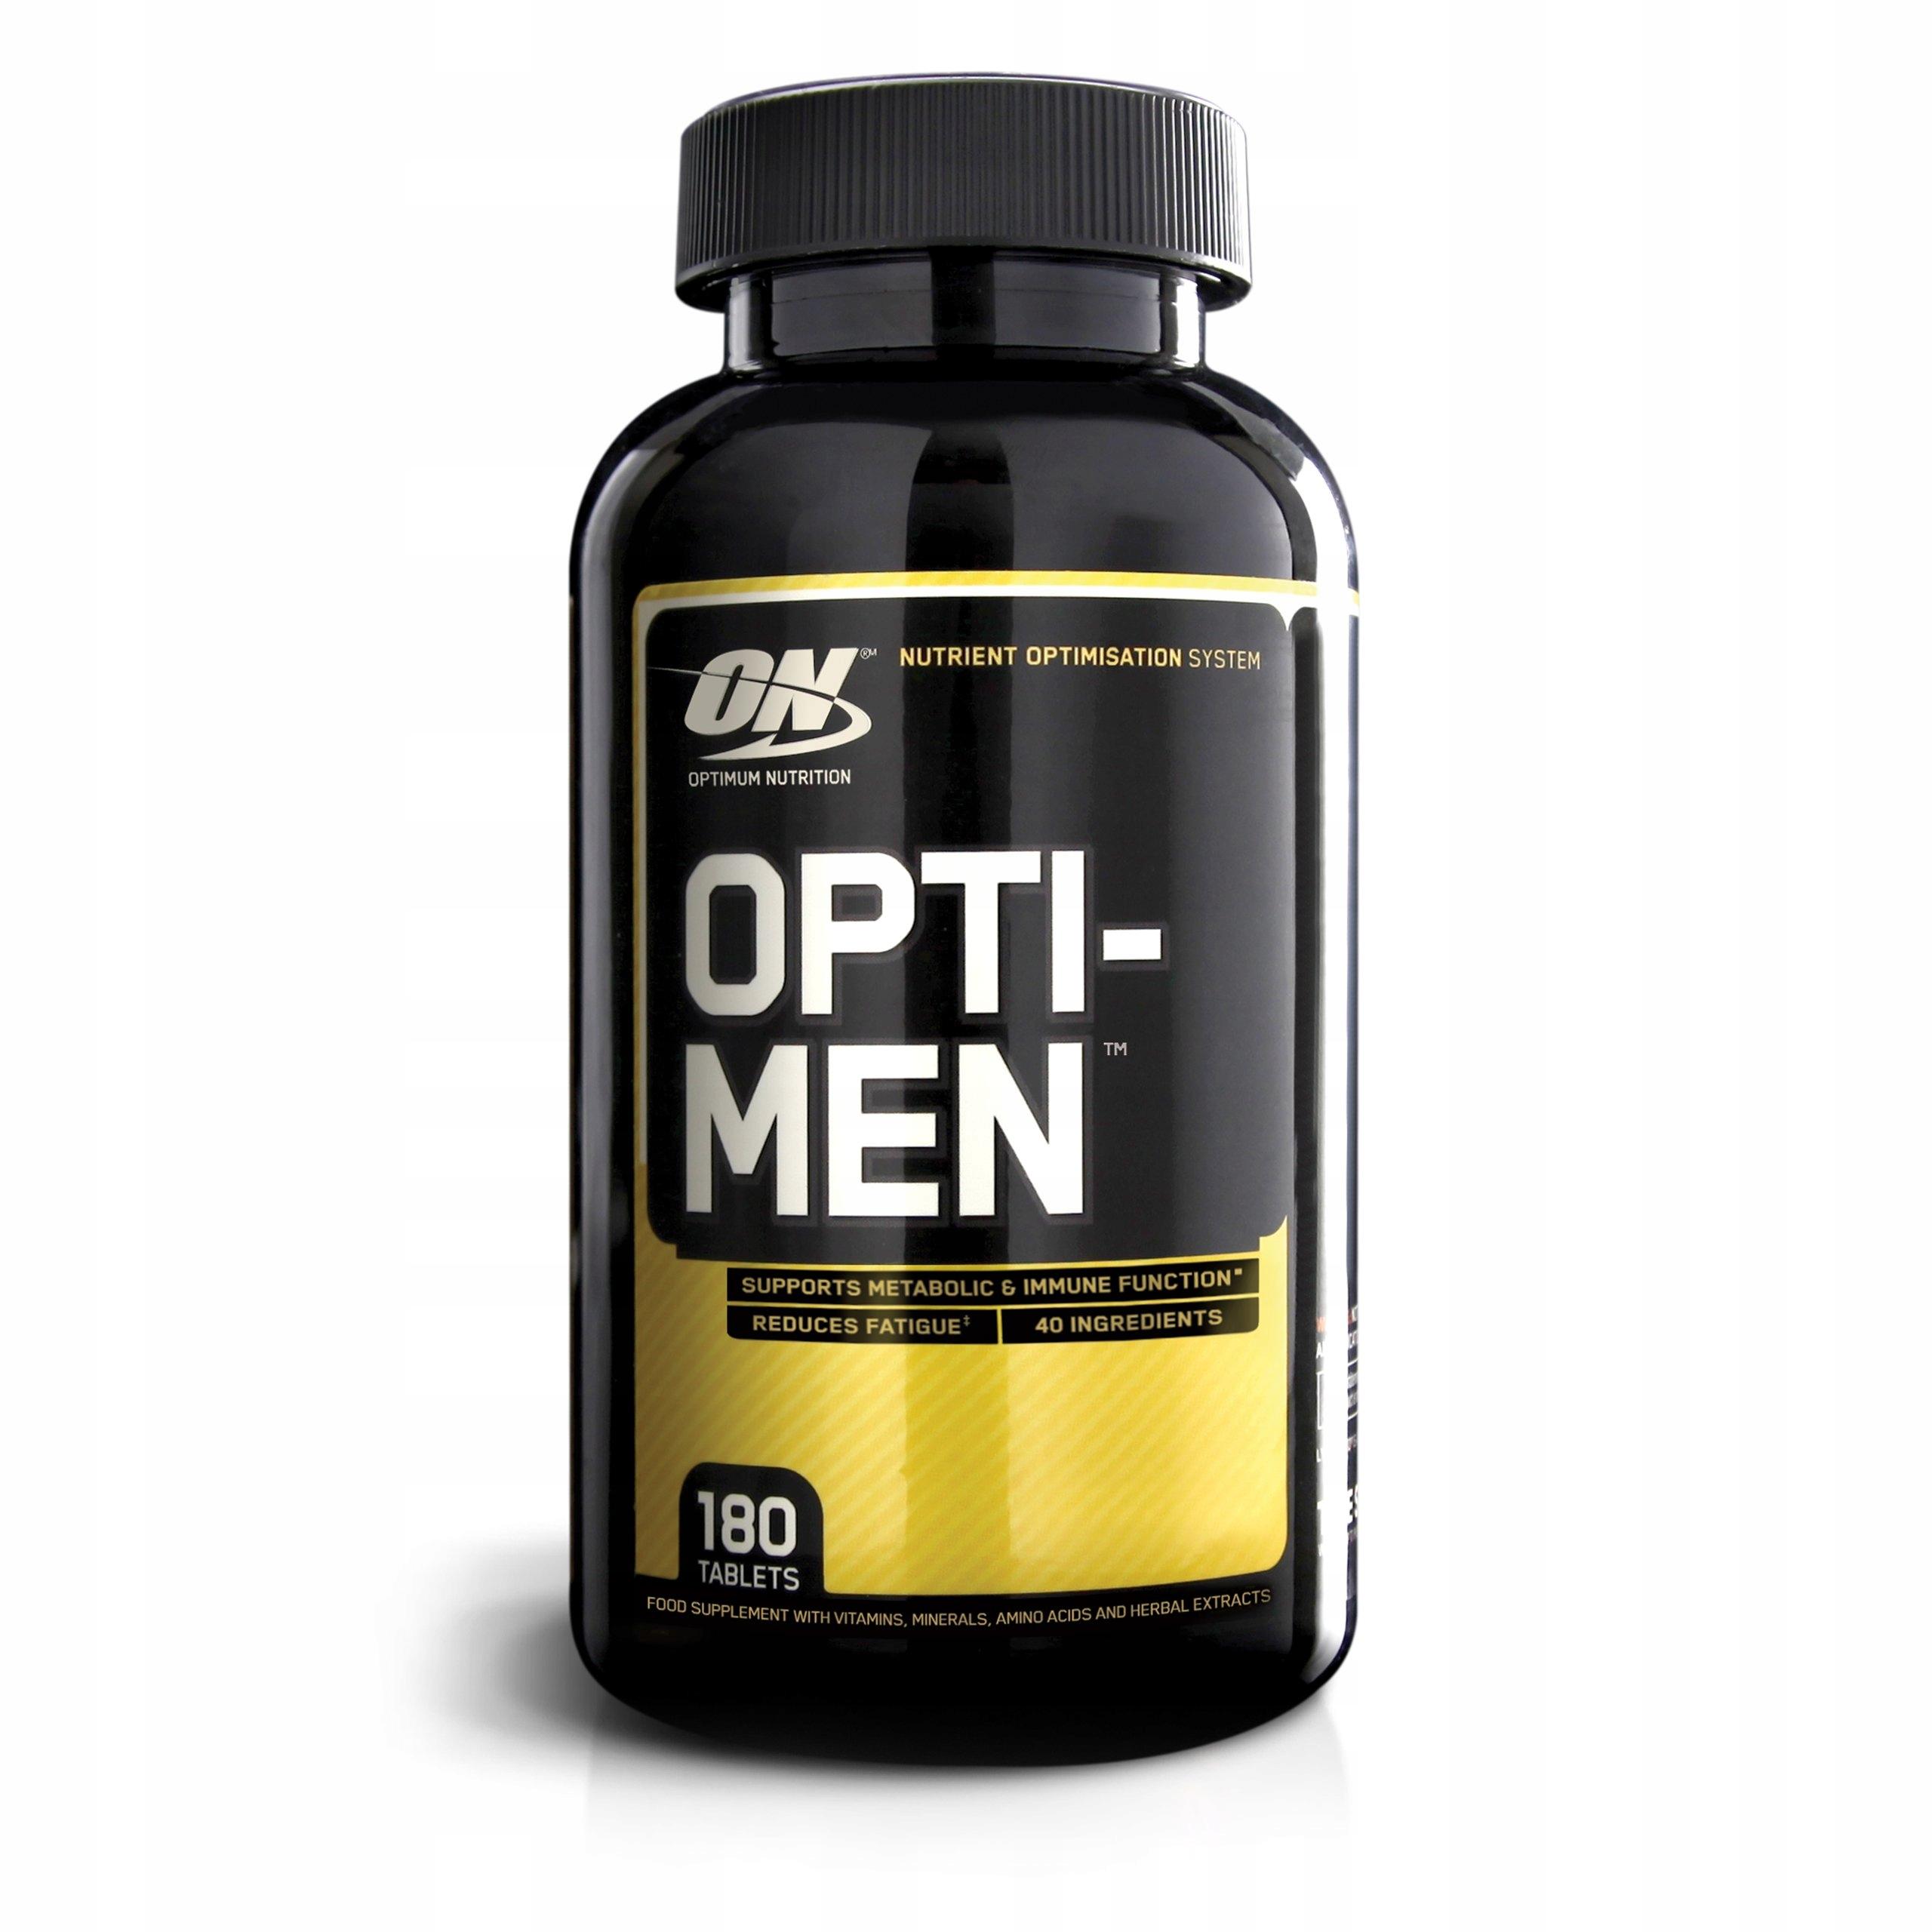 Witaminy dla mężczyzn w tabletkach (kapsułkach) – Apteka